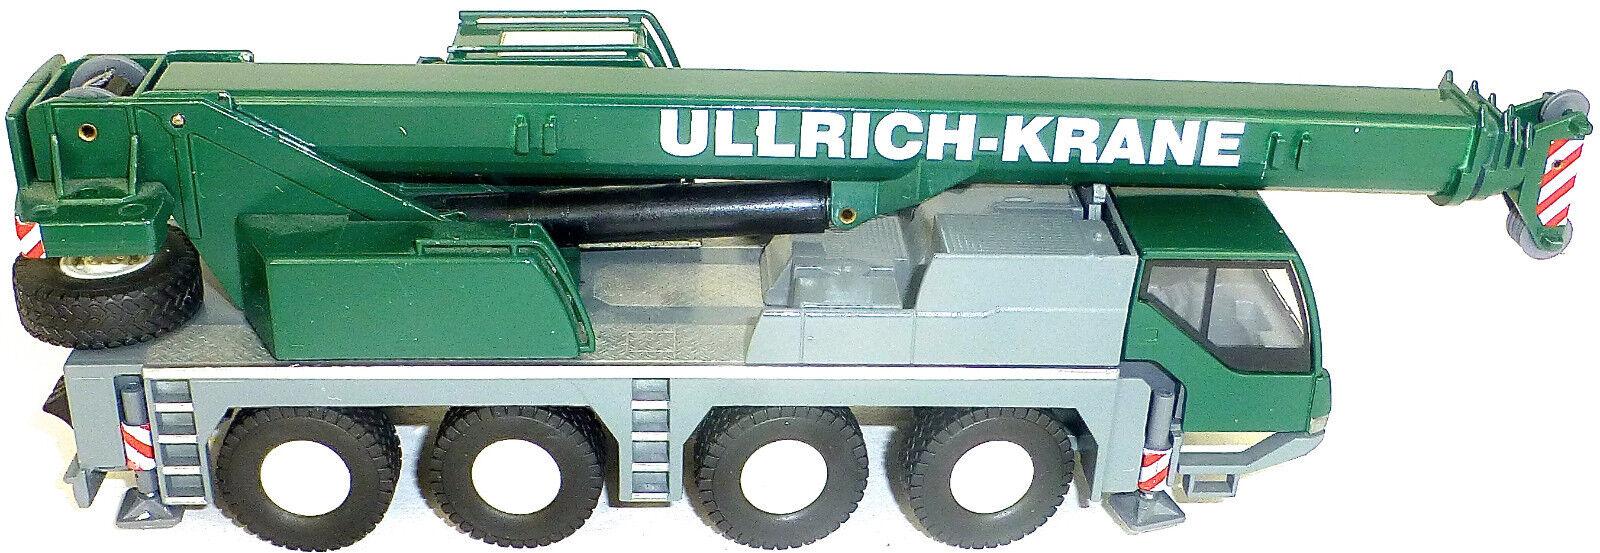 Ltm 1060 2 mobilkran ullrich krane green liebherr Conrad 2094 1 50 ovp å